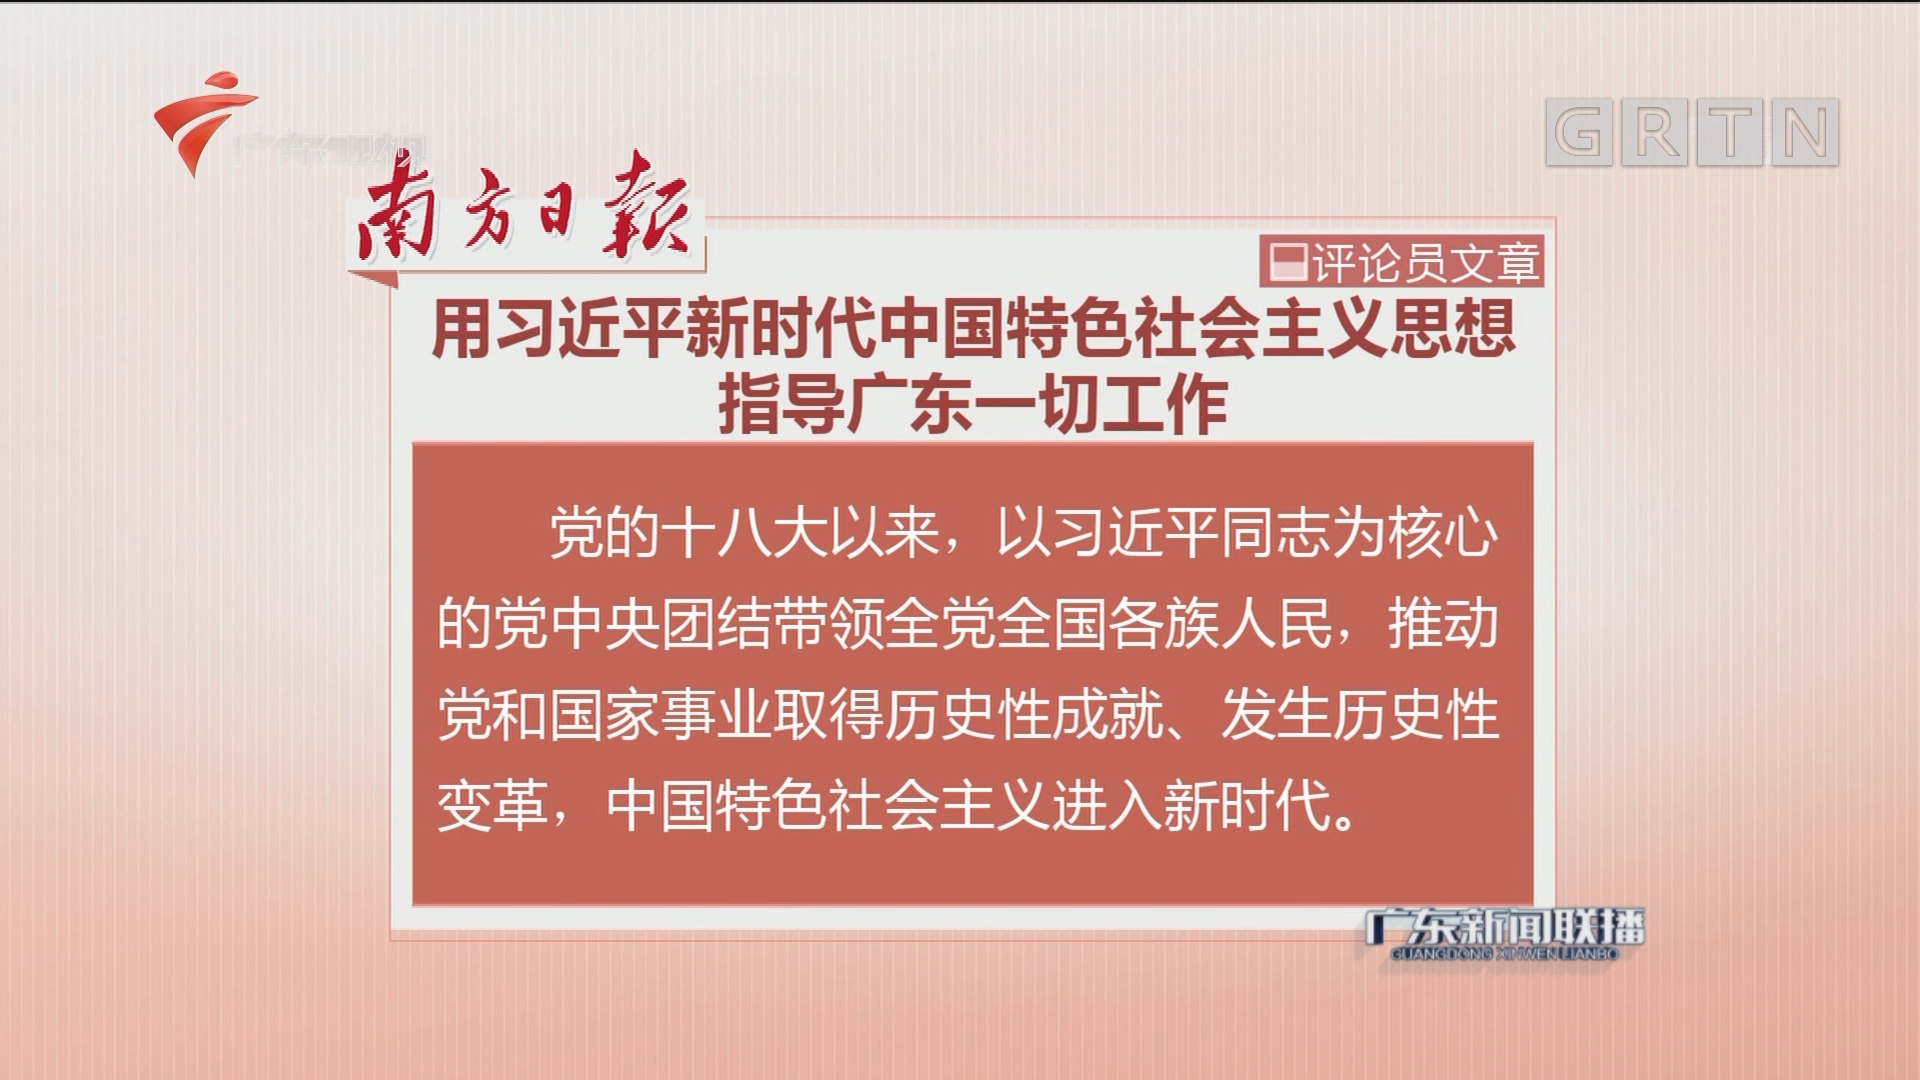 南方日报评论员文章:用习近平新时代中国特色社会主义思想指导广东一切工作